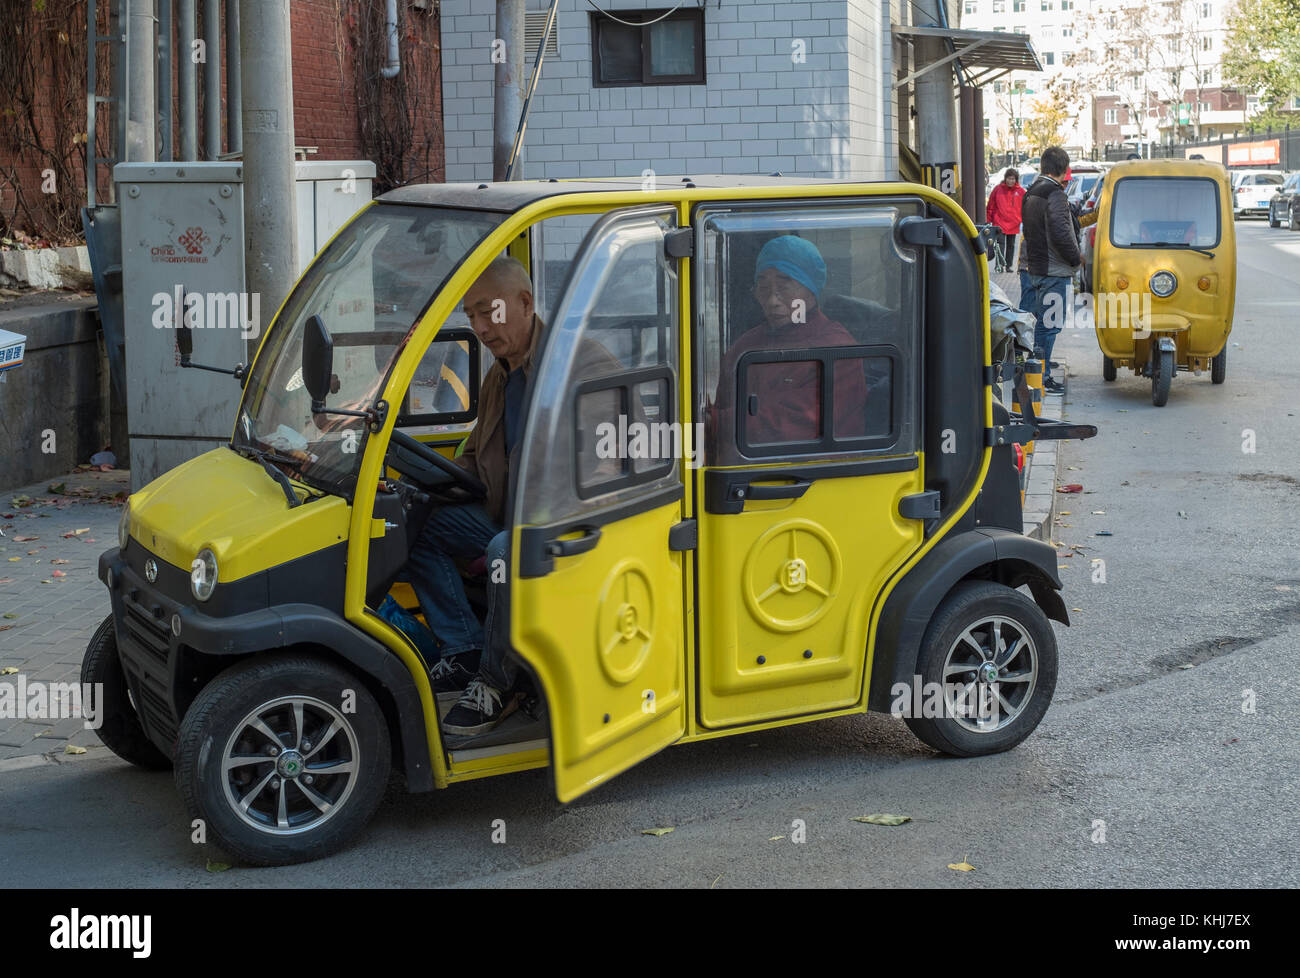 Unlicensed Mini Auto Elettrica è Visto A Pechino In Cina Foto